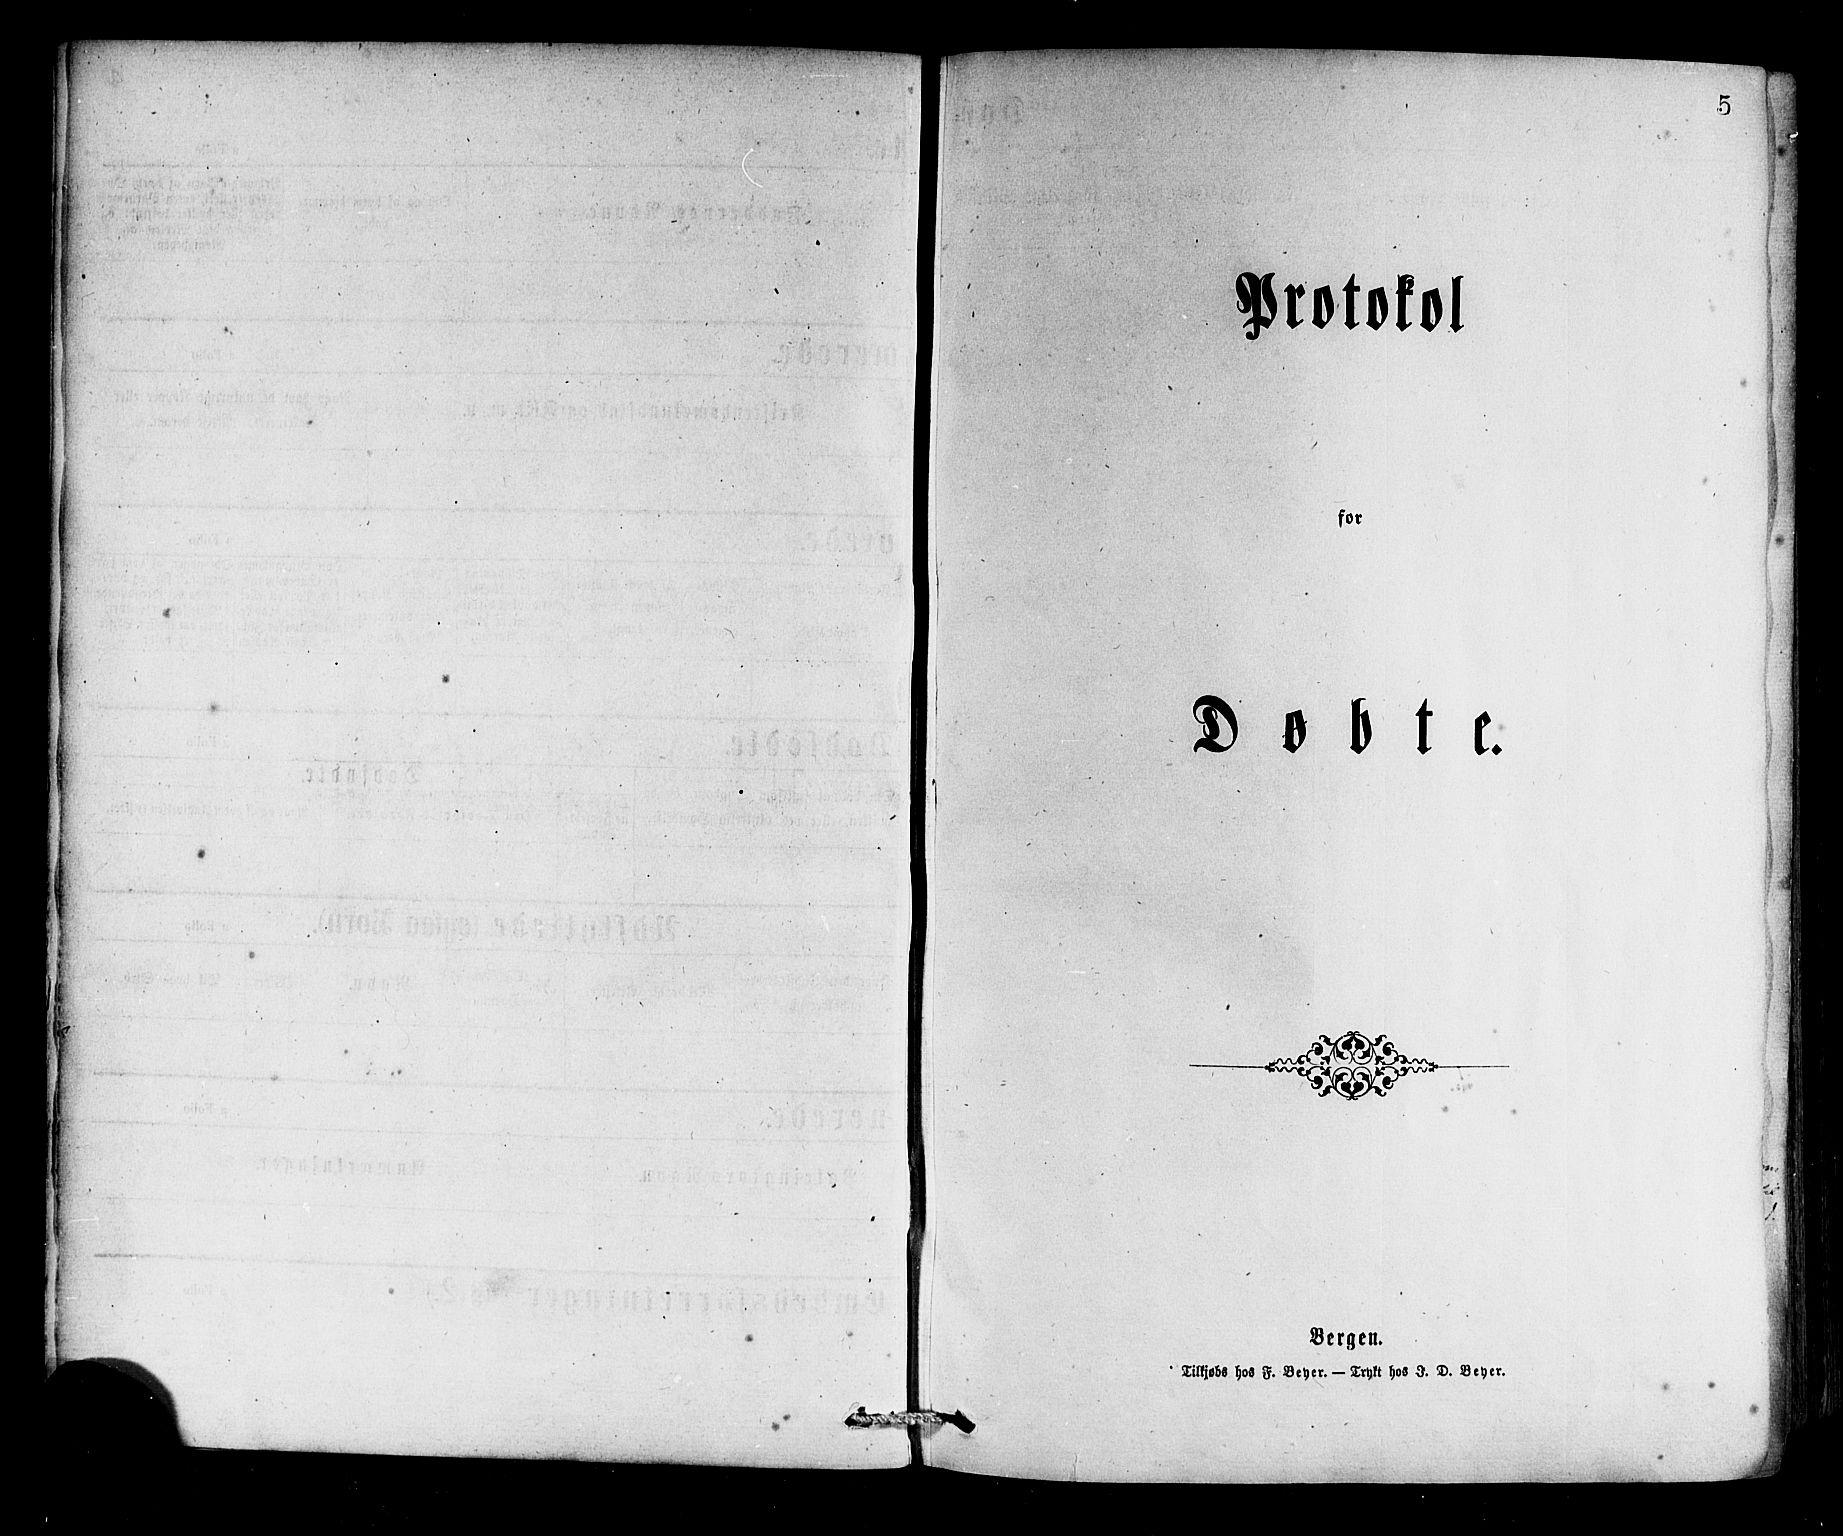 SAB, Selje sokneprestembete*, Ministerialbok nr. A 12, 1870-1880, s. 5